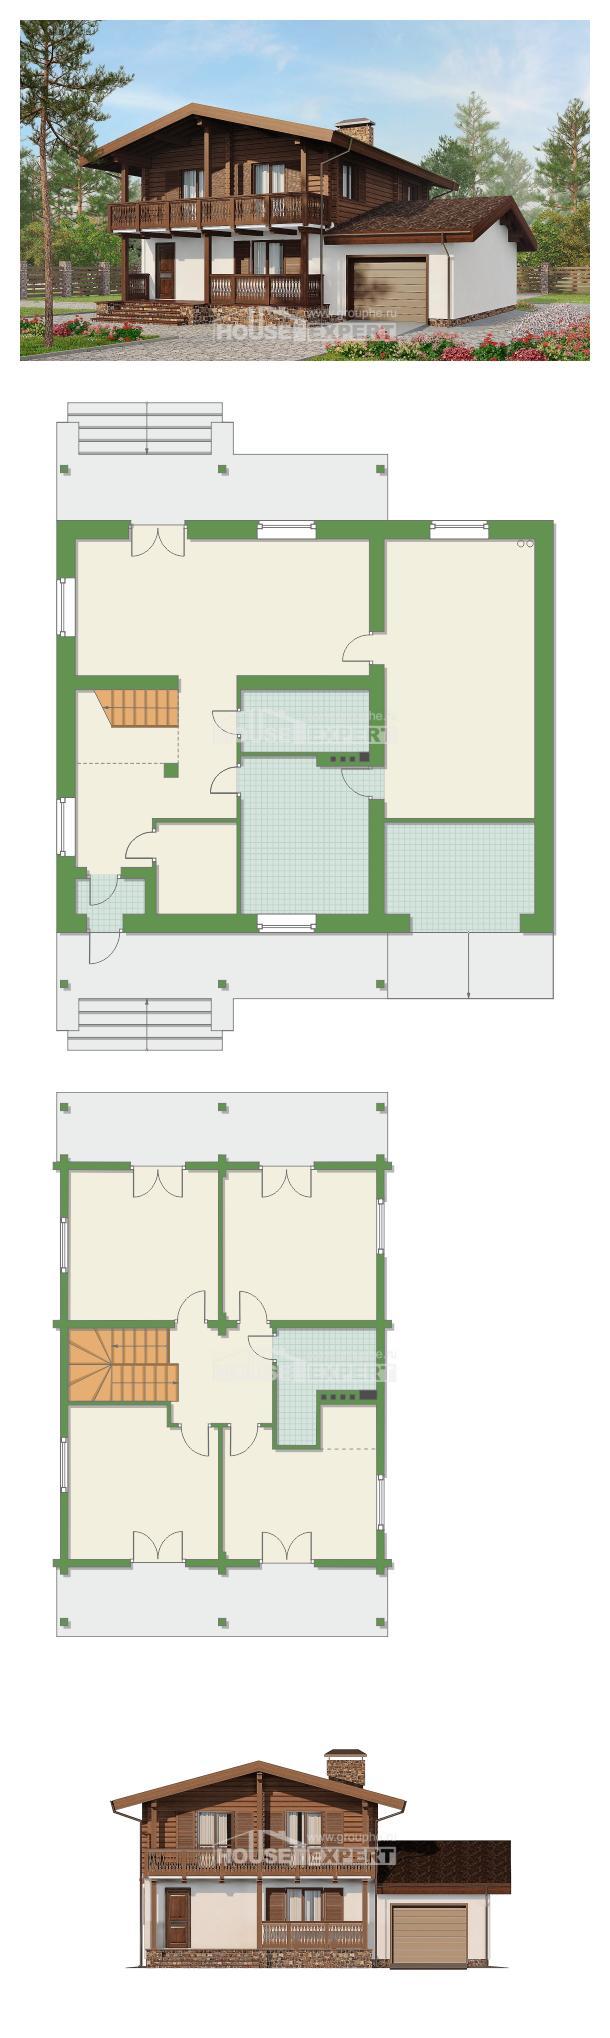 Plan 200-011-R | House Expert